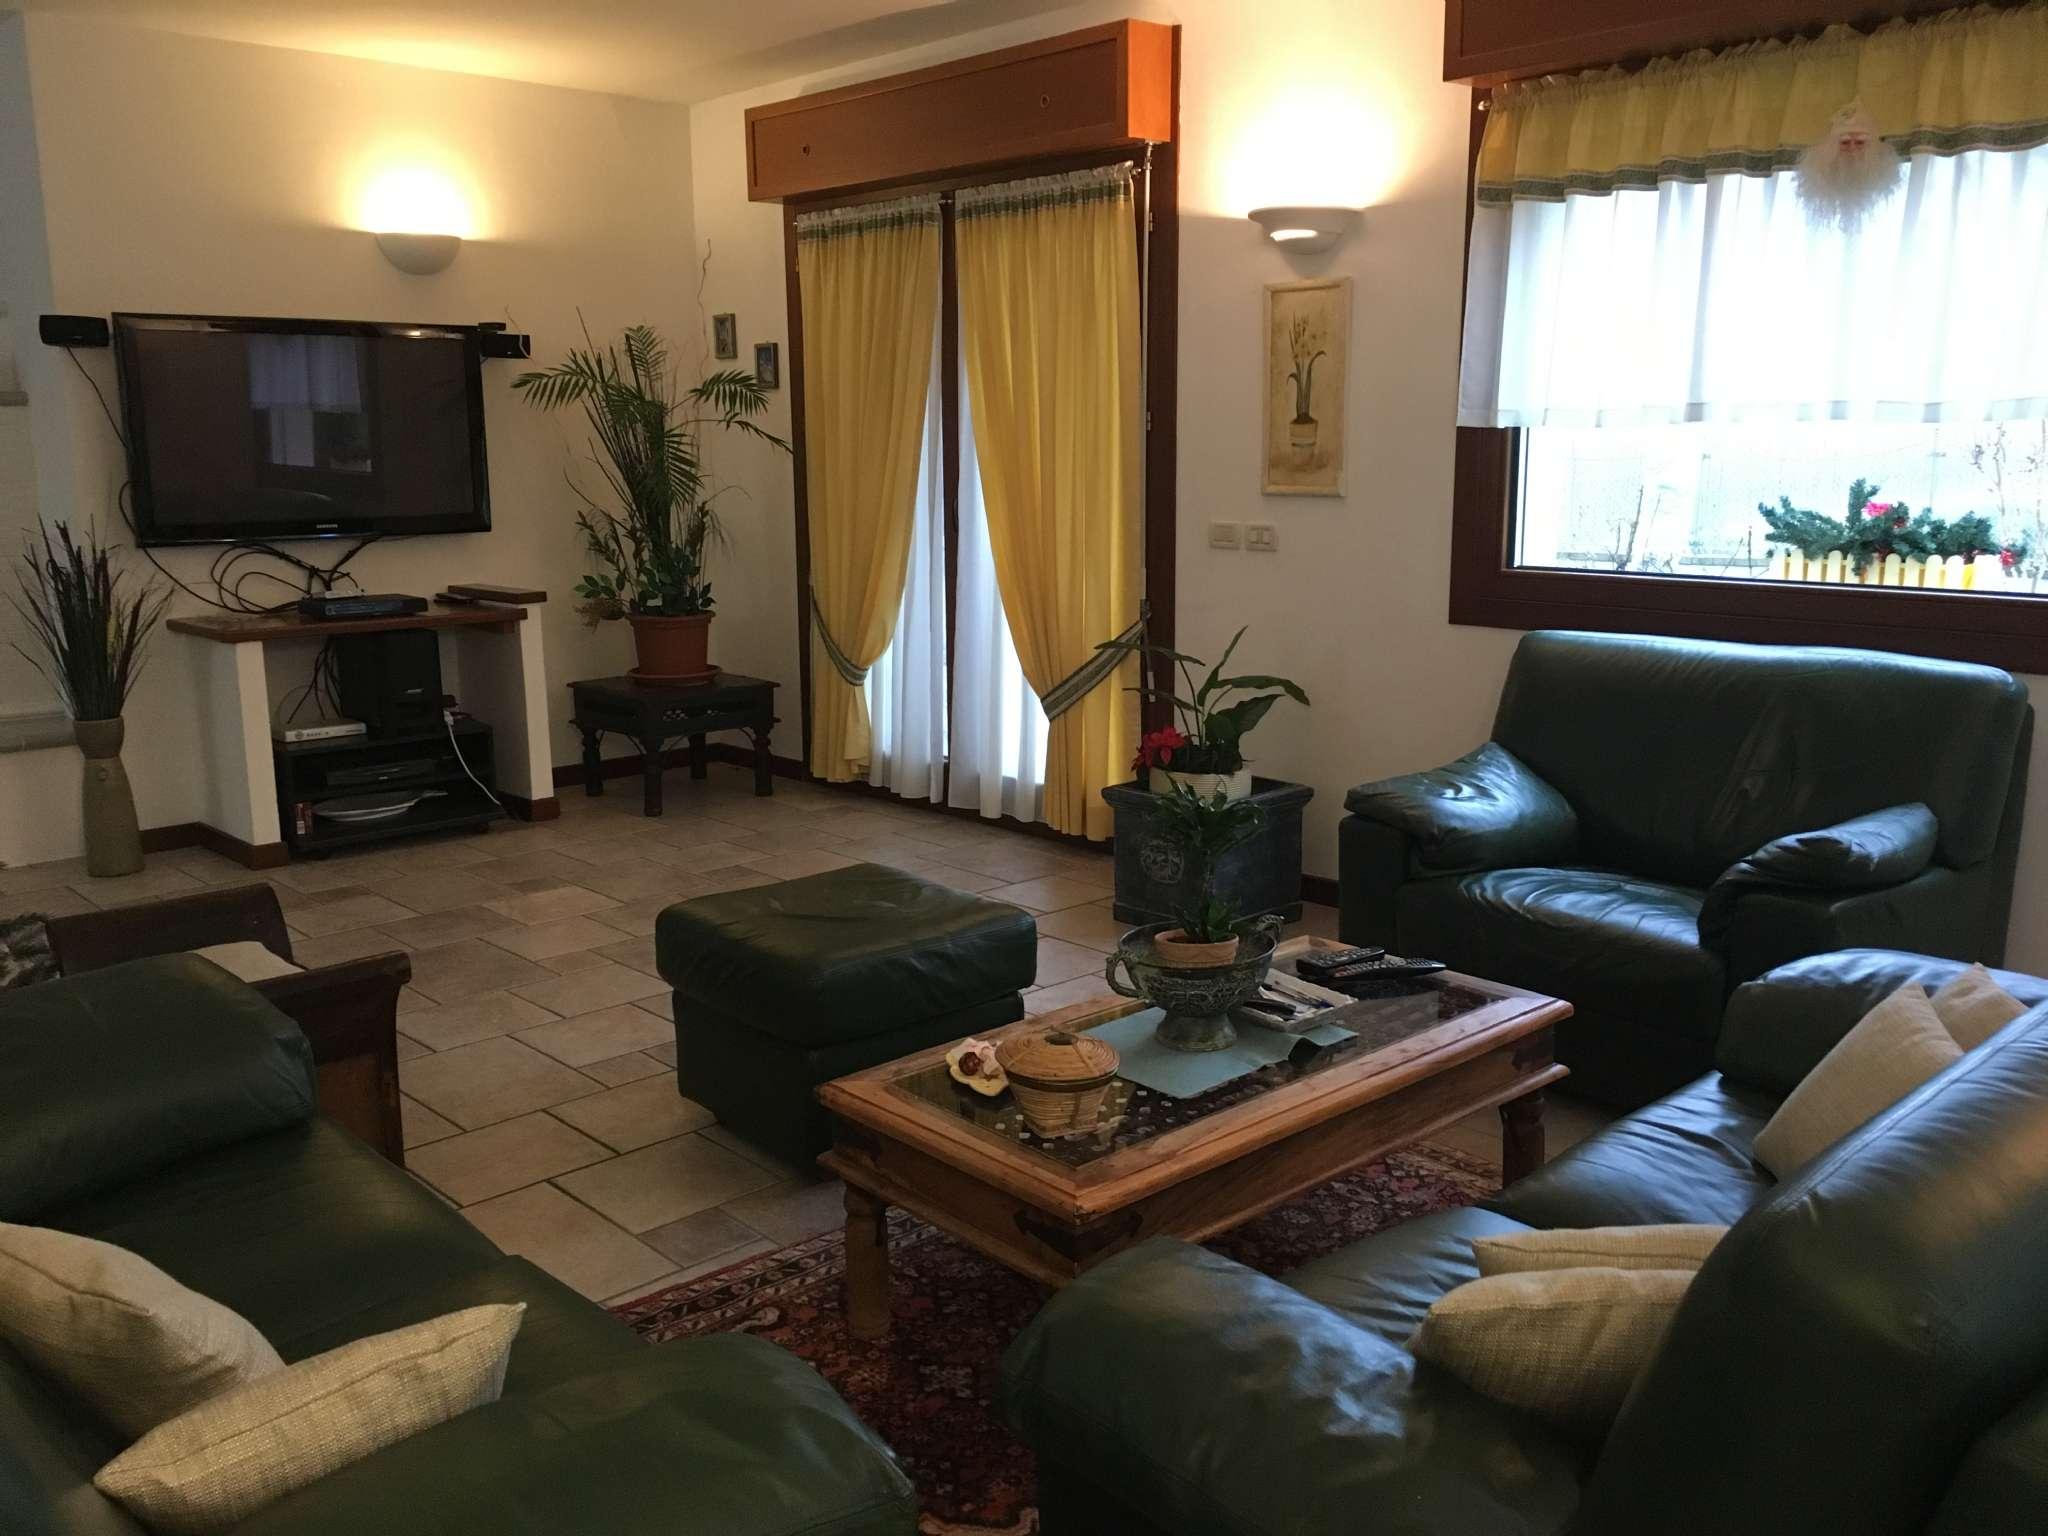 Casa giardino due stanze fossa in vendita waa2 for Casa di 900 metri quadrati in vendita